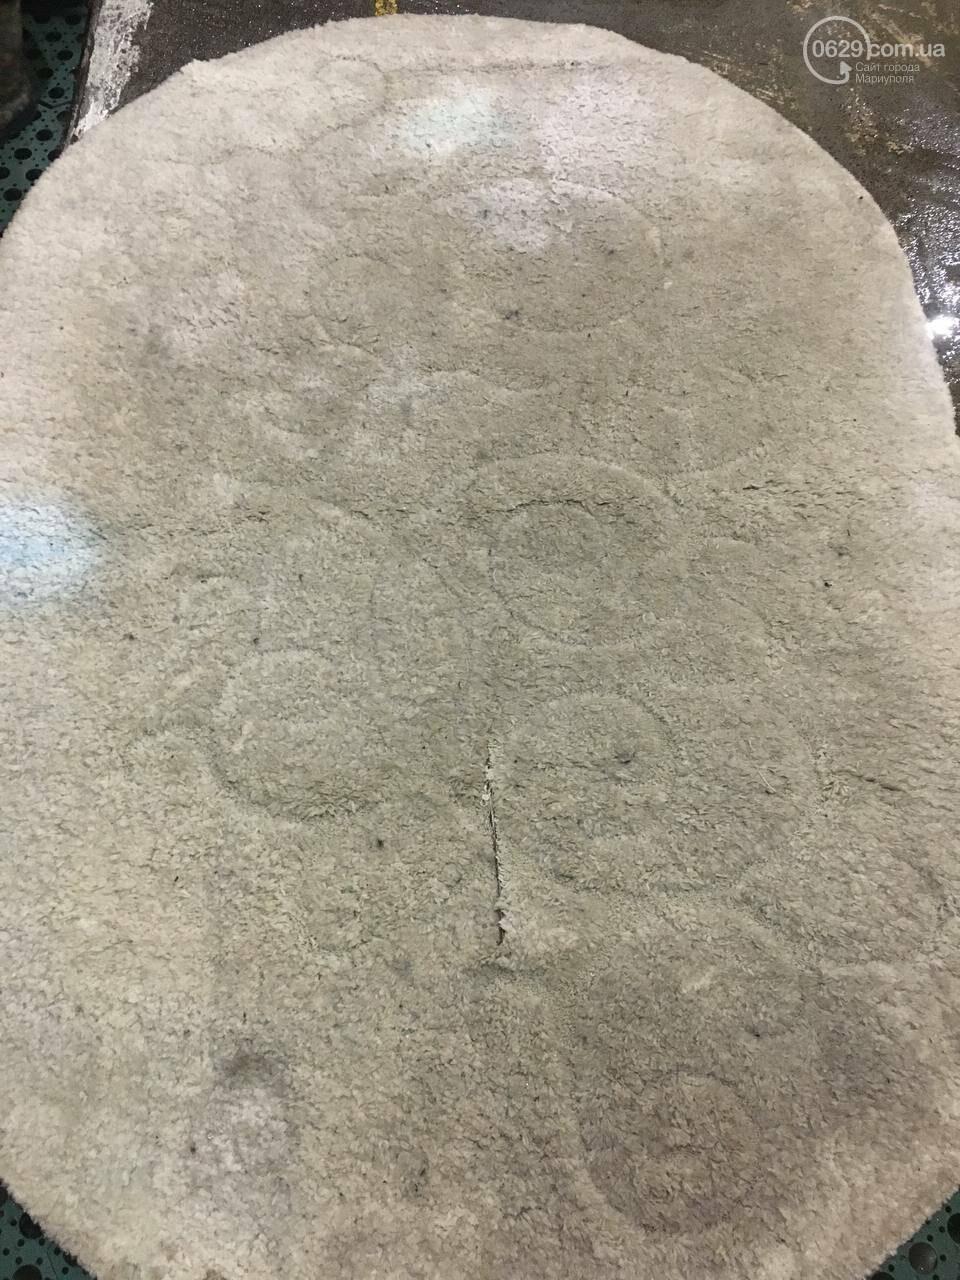 Химчистка ковров в Мариуполе в 8-этапов от Clean Master. Ваши ковры будут как новые!, фото-5